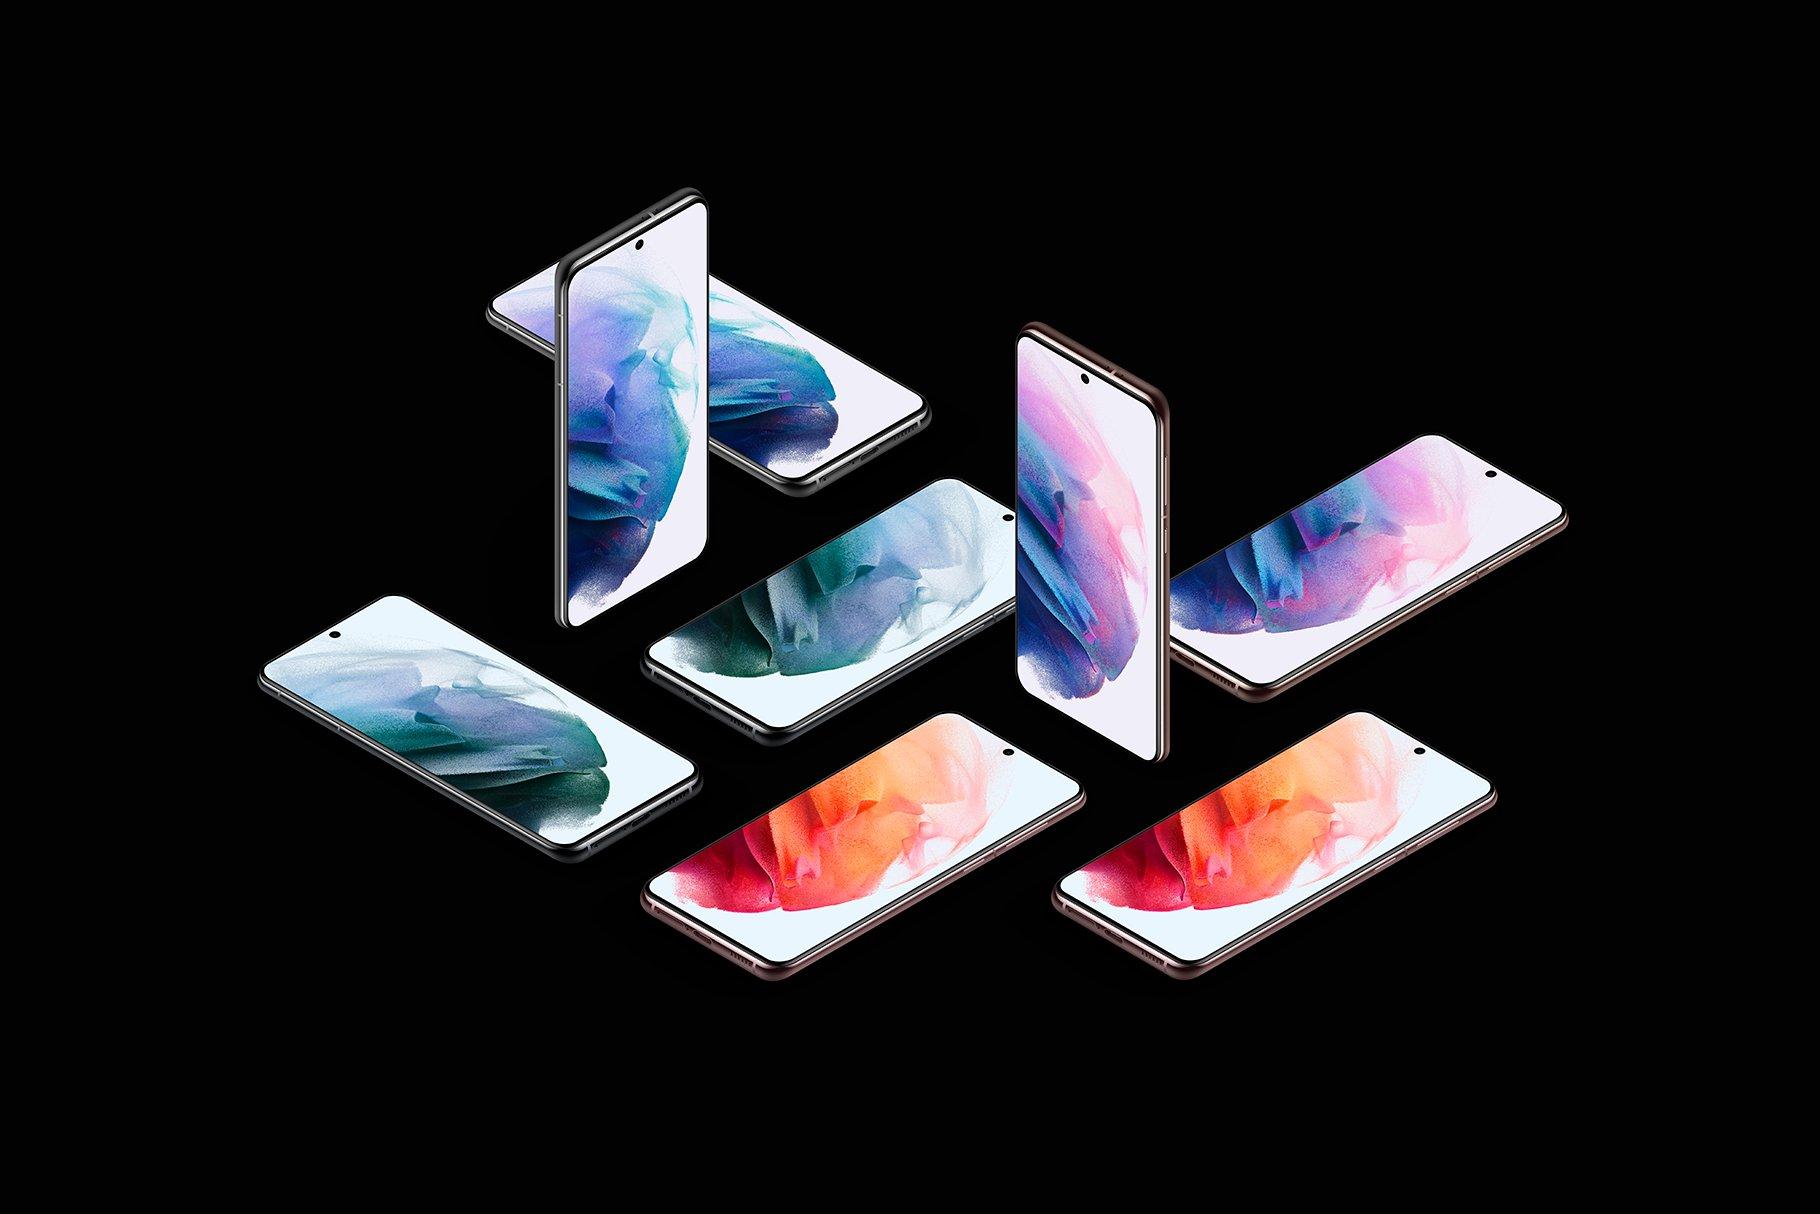 [单独购买] 20款三星Galaxy S21手机网站APP界面设计演示样机模板套件 Galaxy S21 – 20 Mockups Scenes插图33